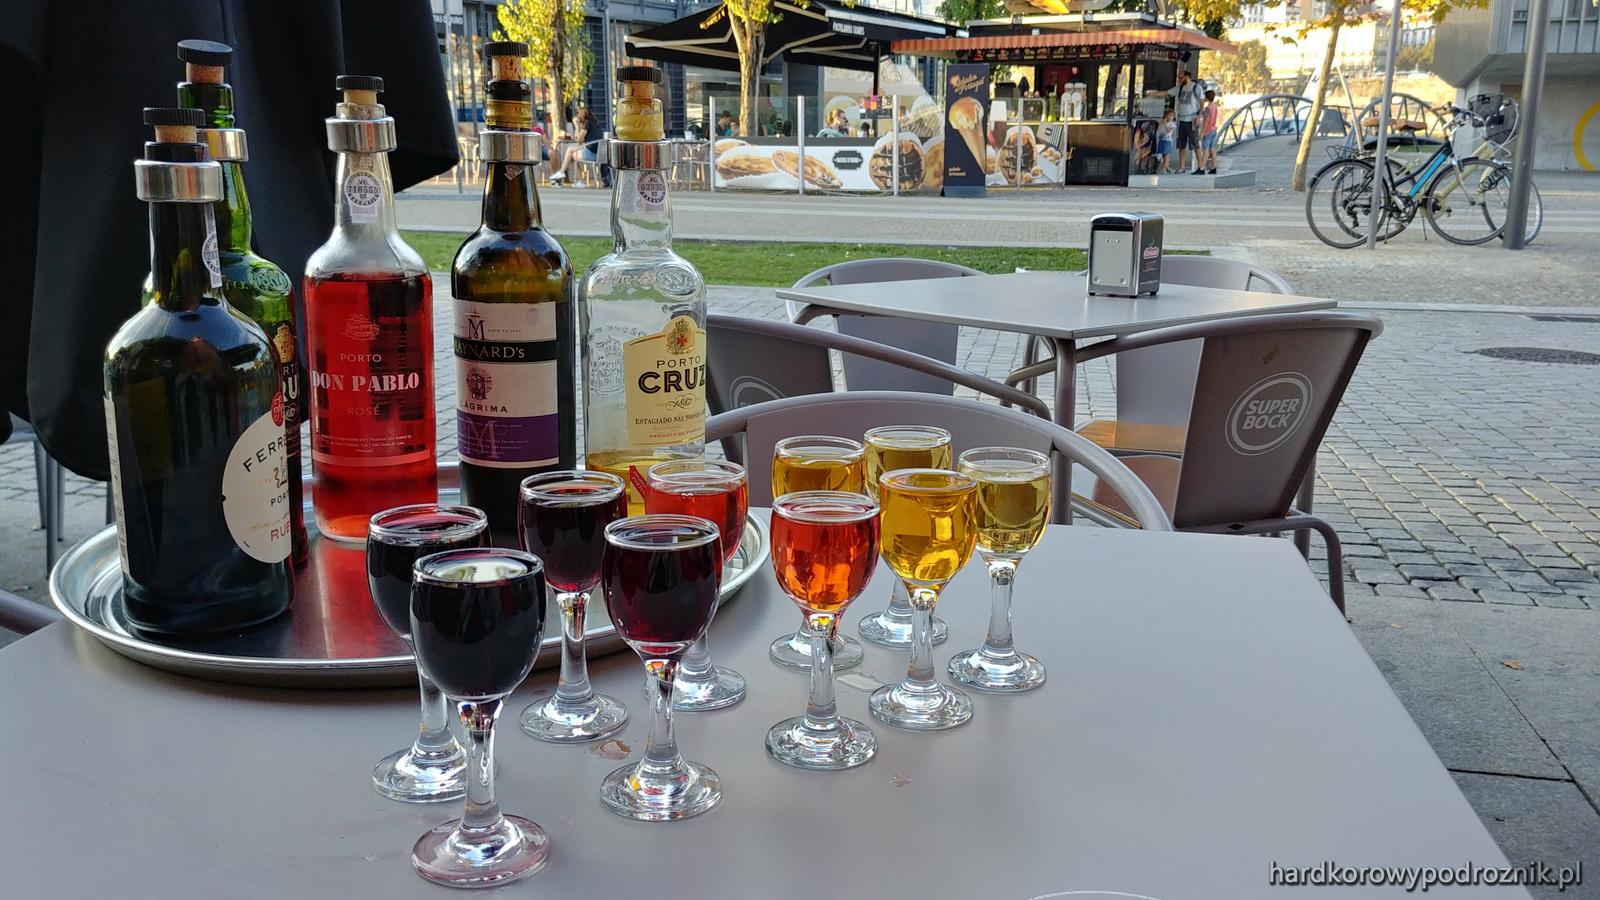 Wino w Porto